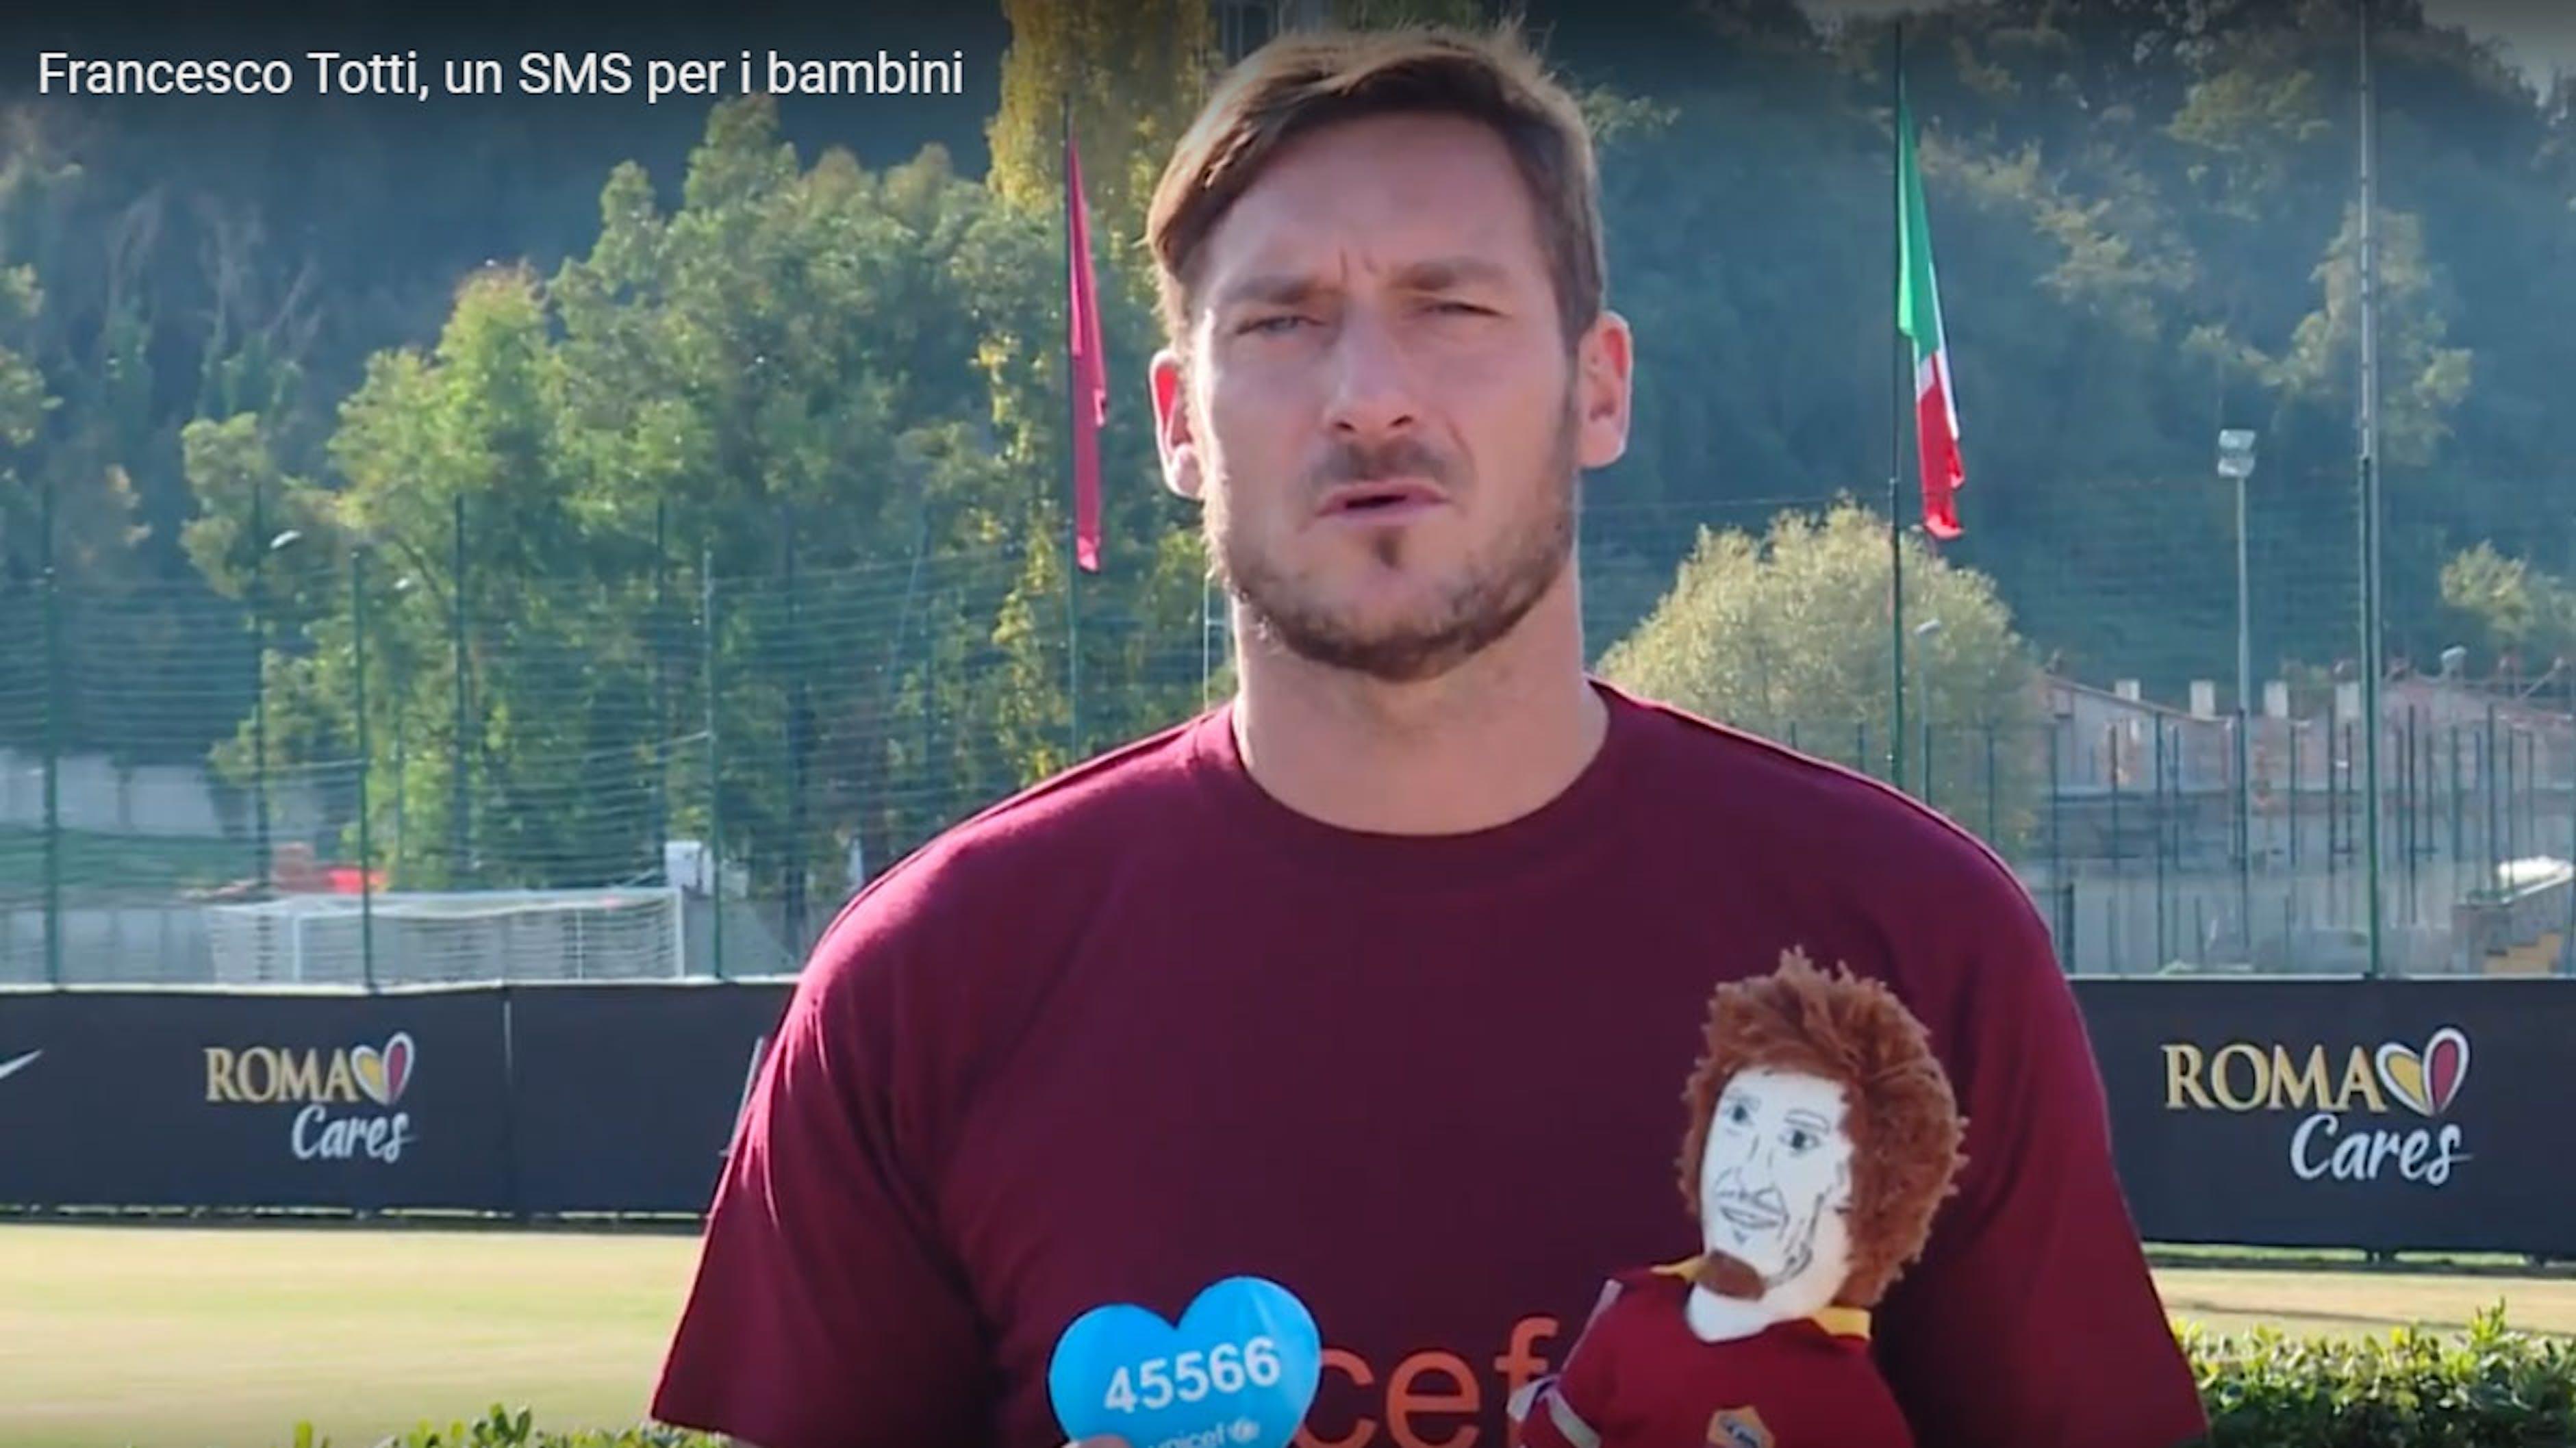 Francesco Totti con la Pigotta che porta il suo nome - ©UNICEF Italia/2017/C.Ricci